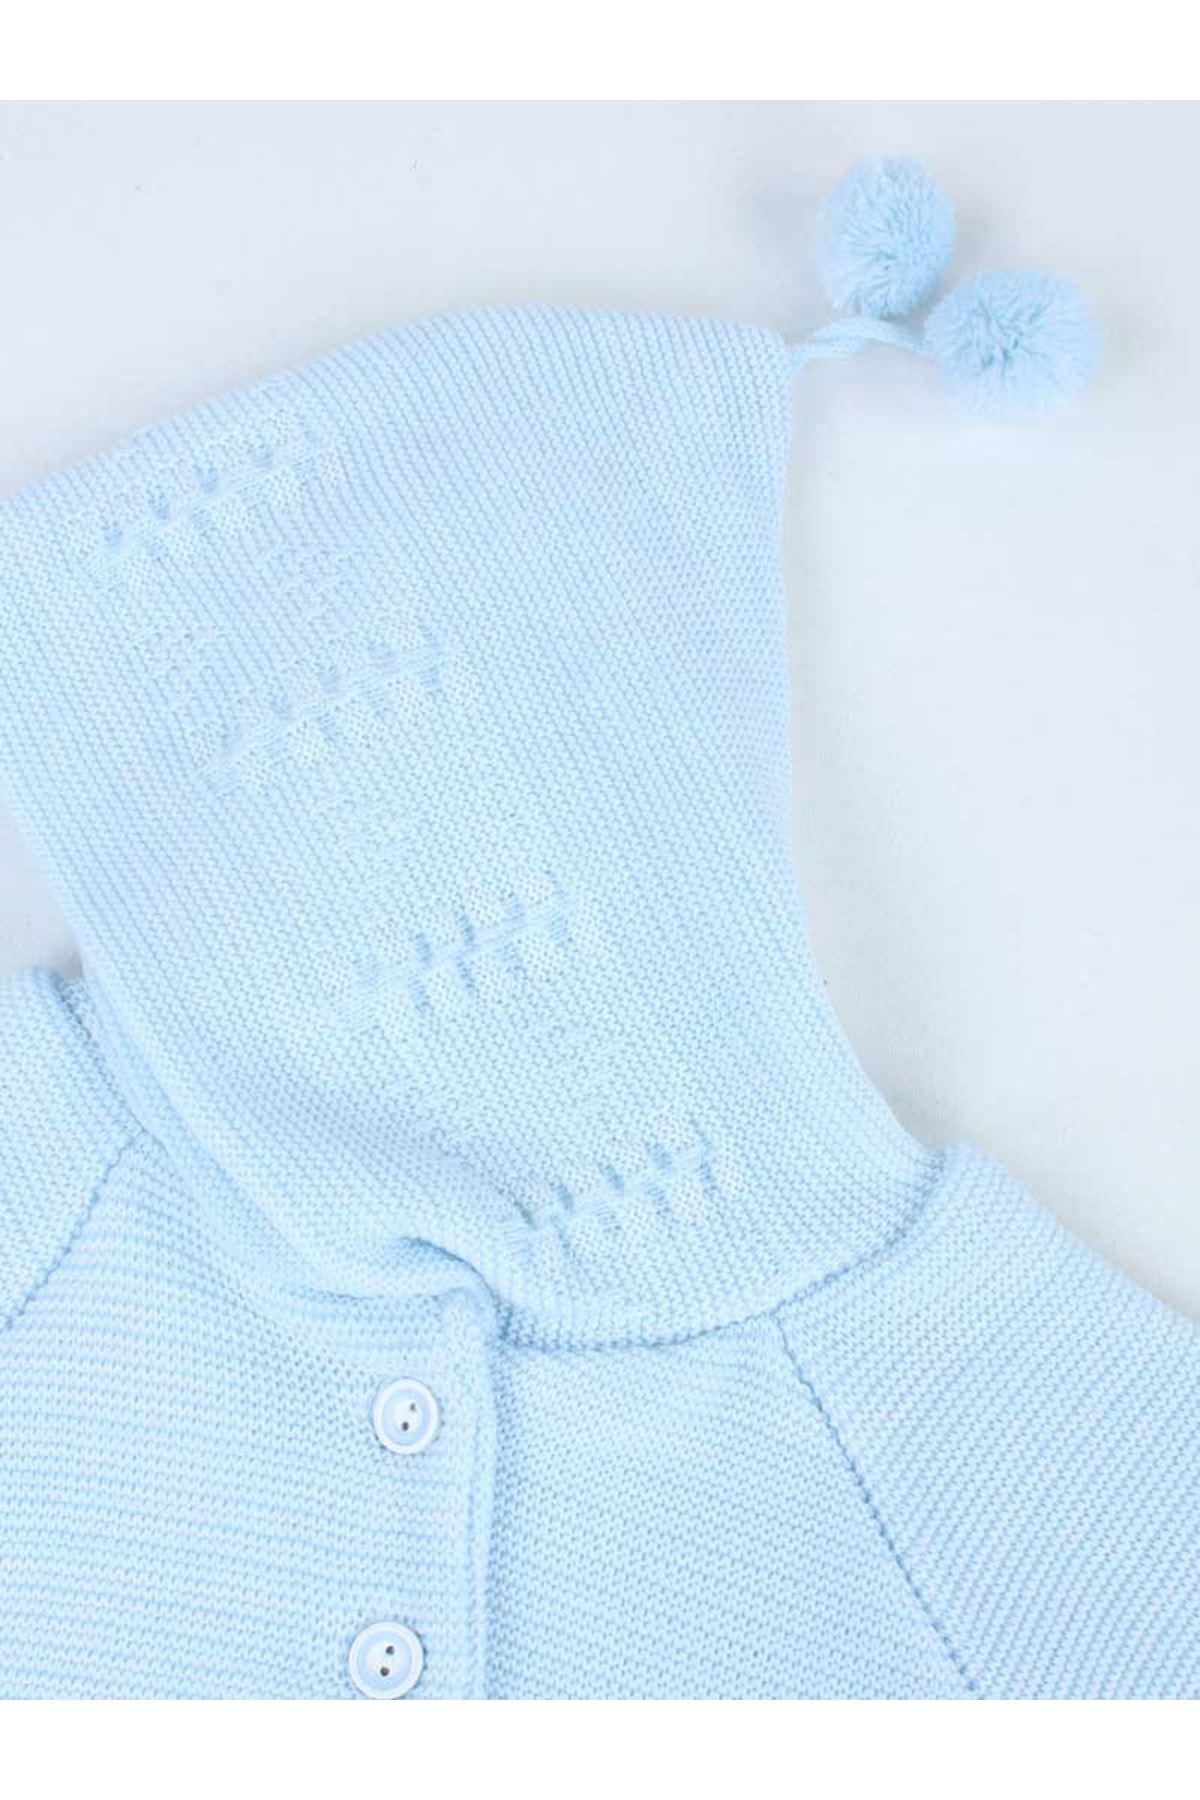 Mavi Triko Örme Kapüşonlu Bebek Hırka